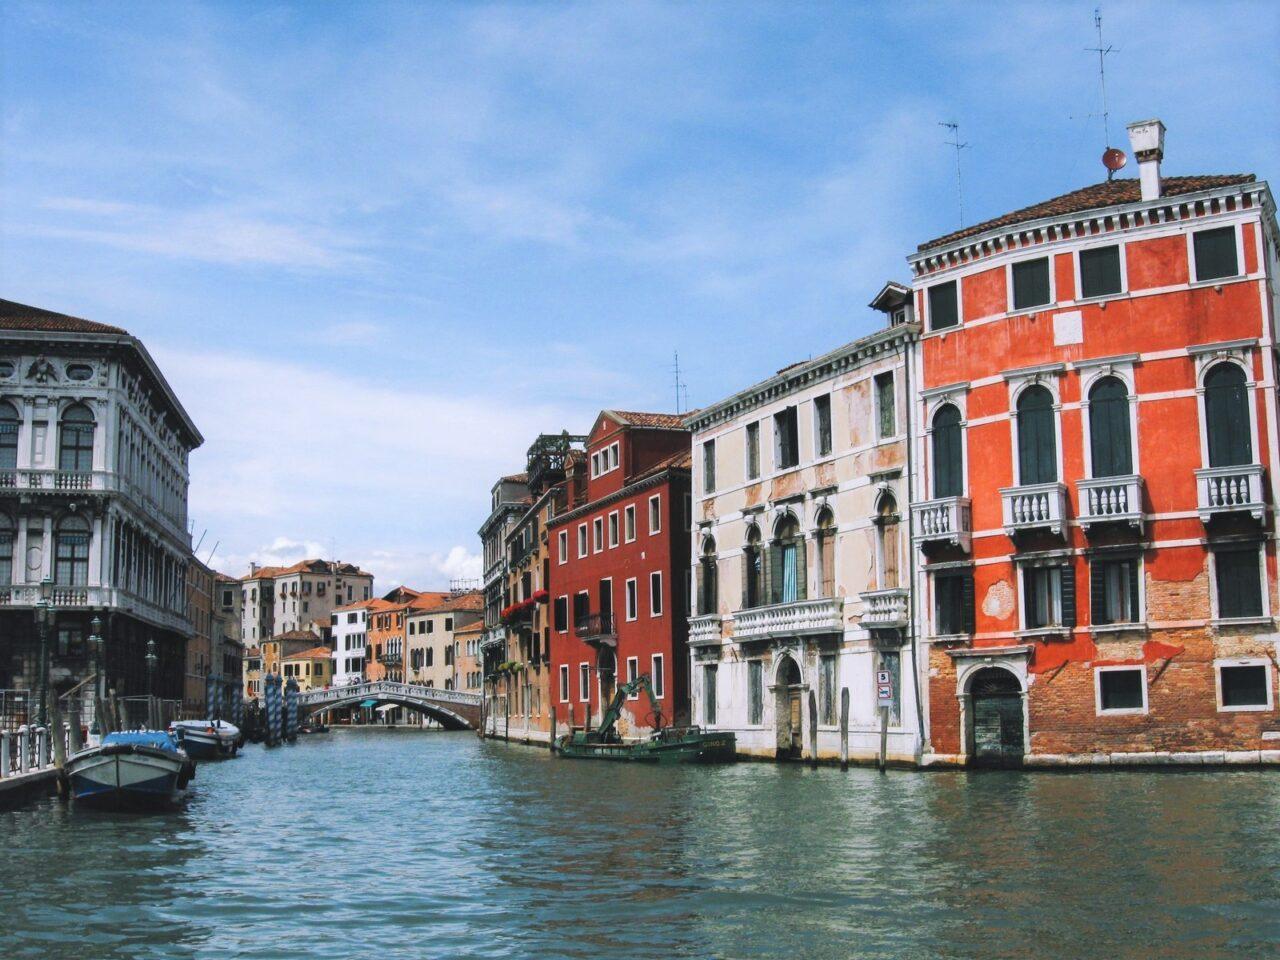 イタリア・ベネチアの水路が見える街並み